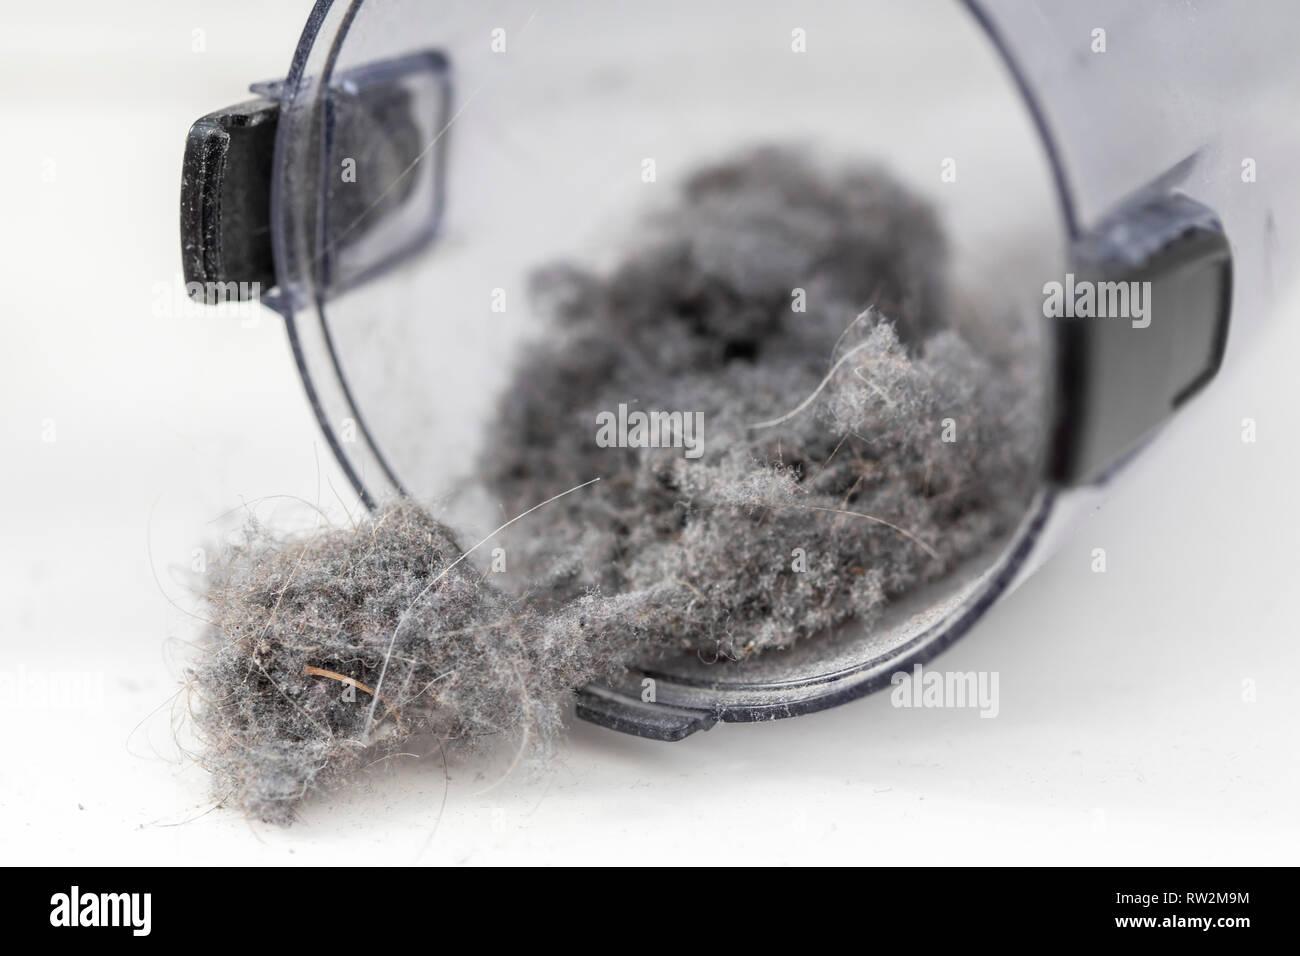 Hausstaub, Wollmäuse, Staubknäule, im Sammelbehälter eines Staubsaugers, Stock Photo